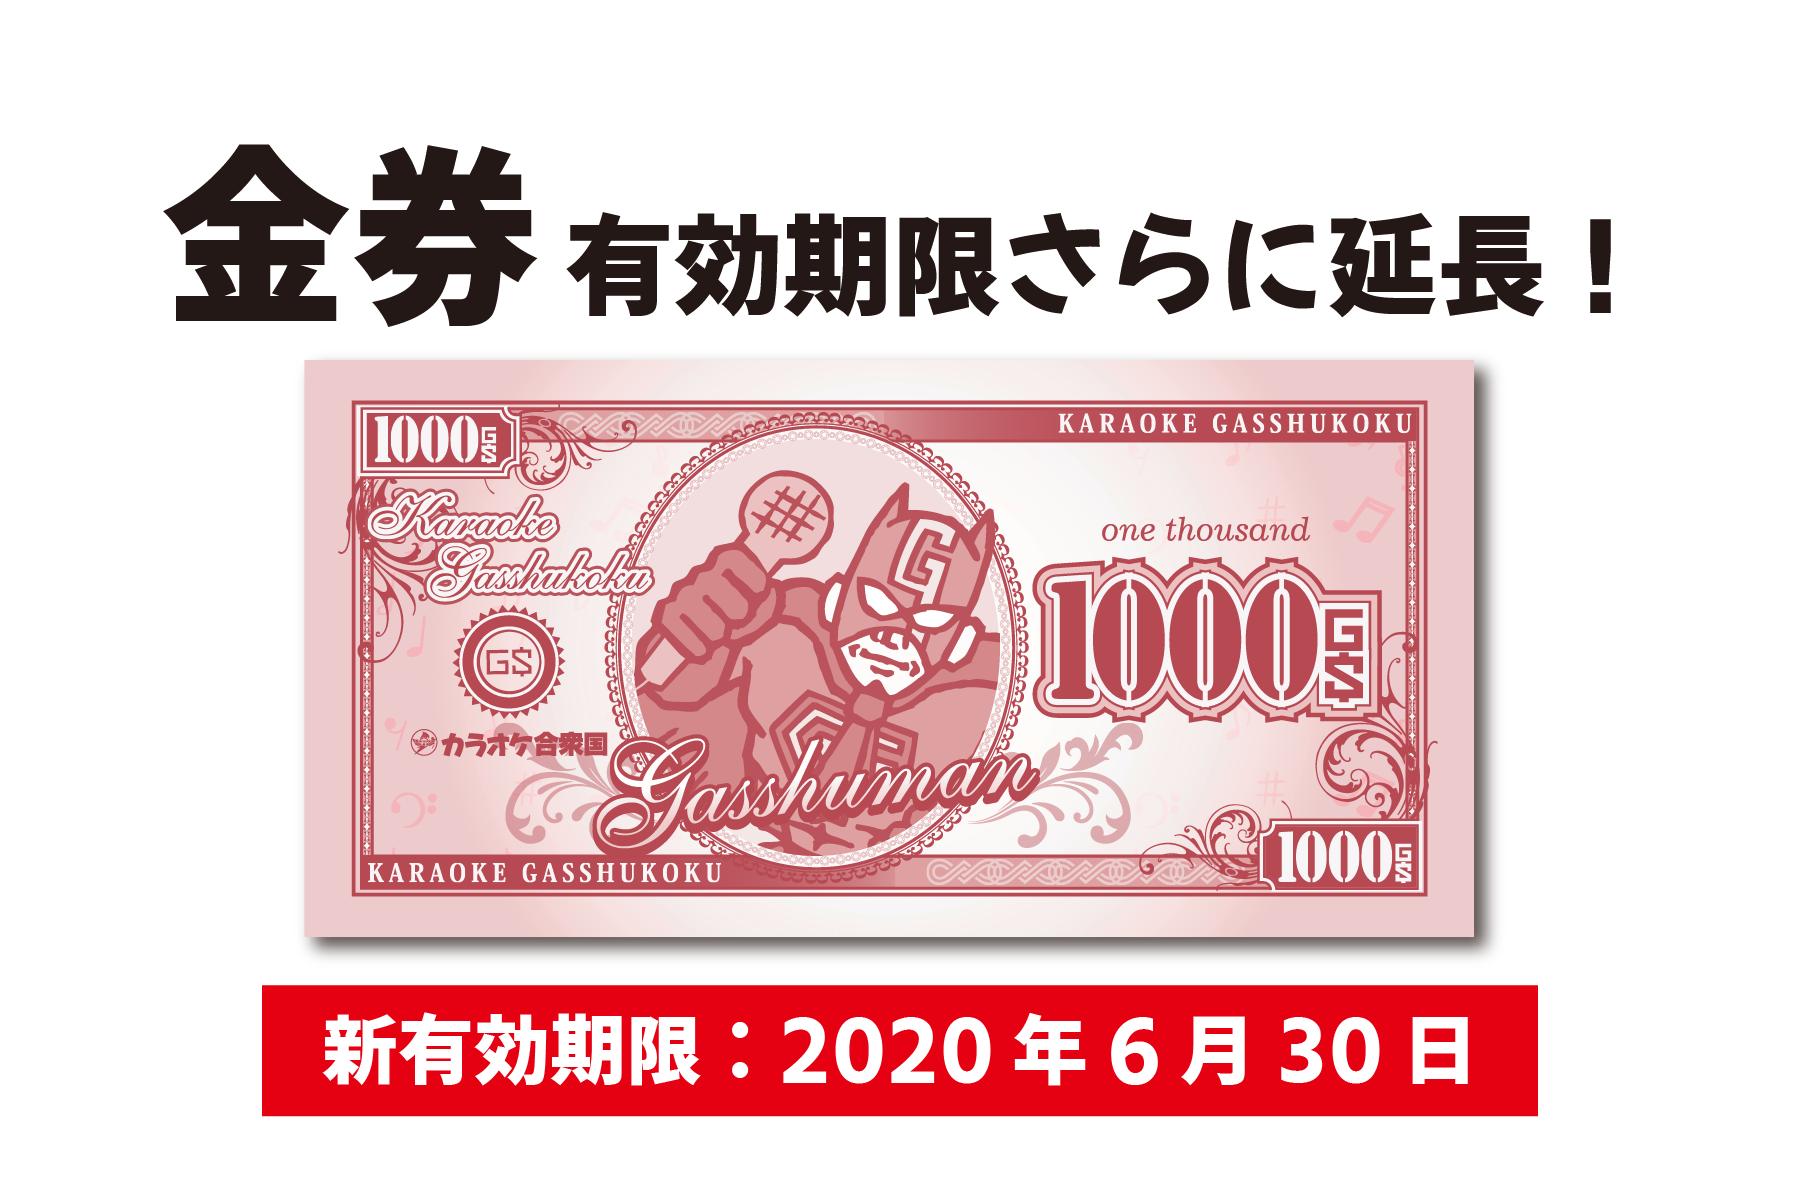 特集 | 金券の有効期限が【6月末】に!